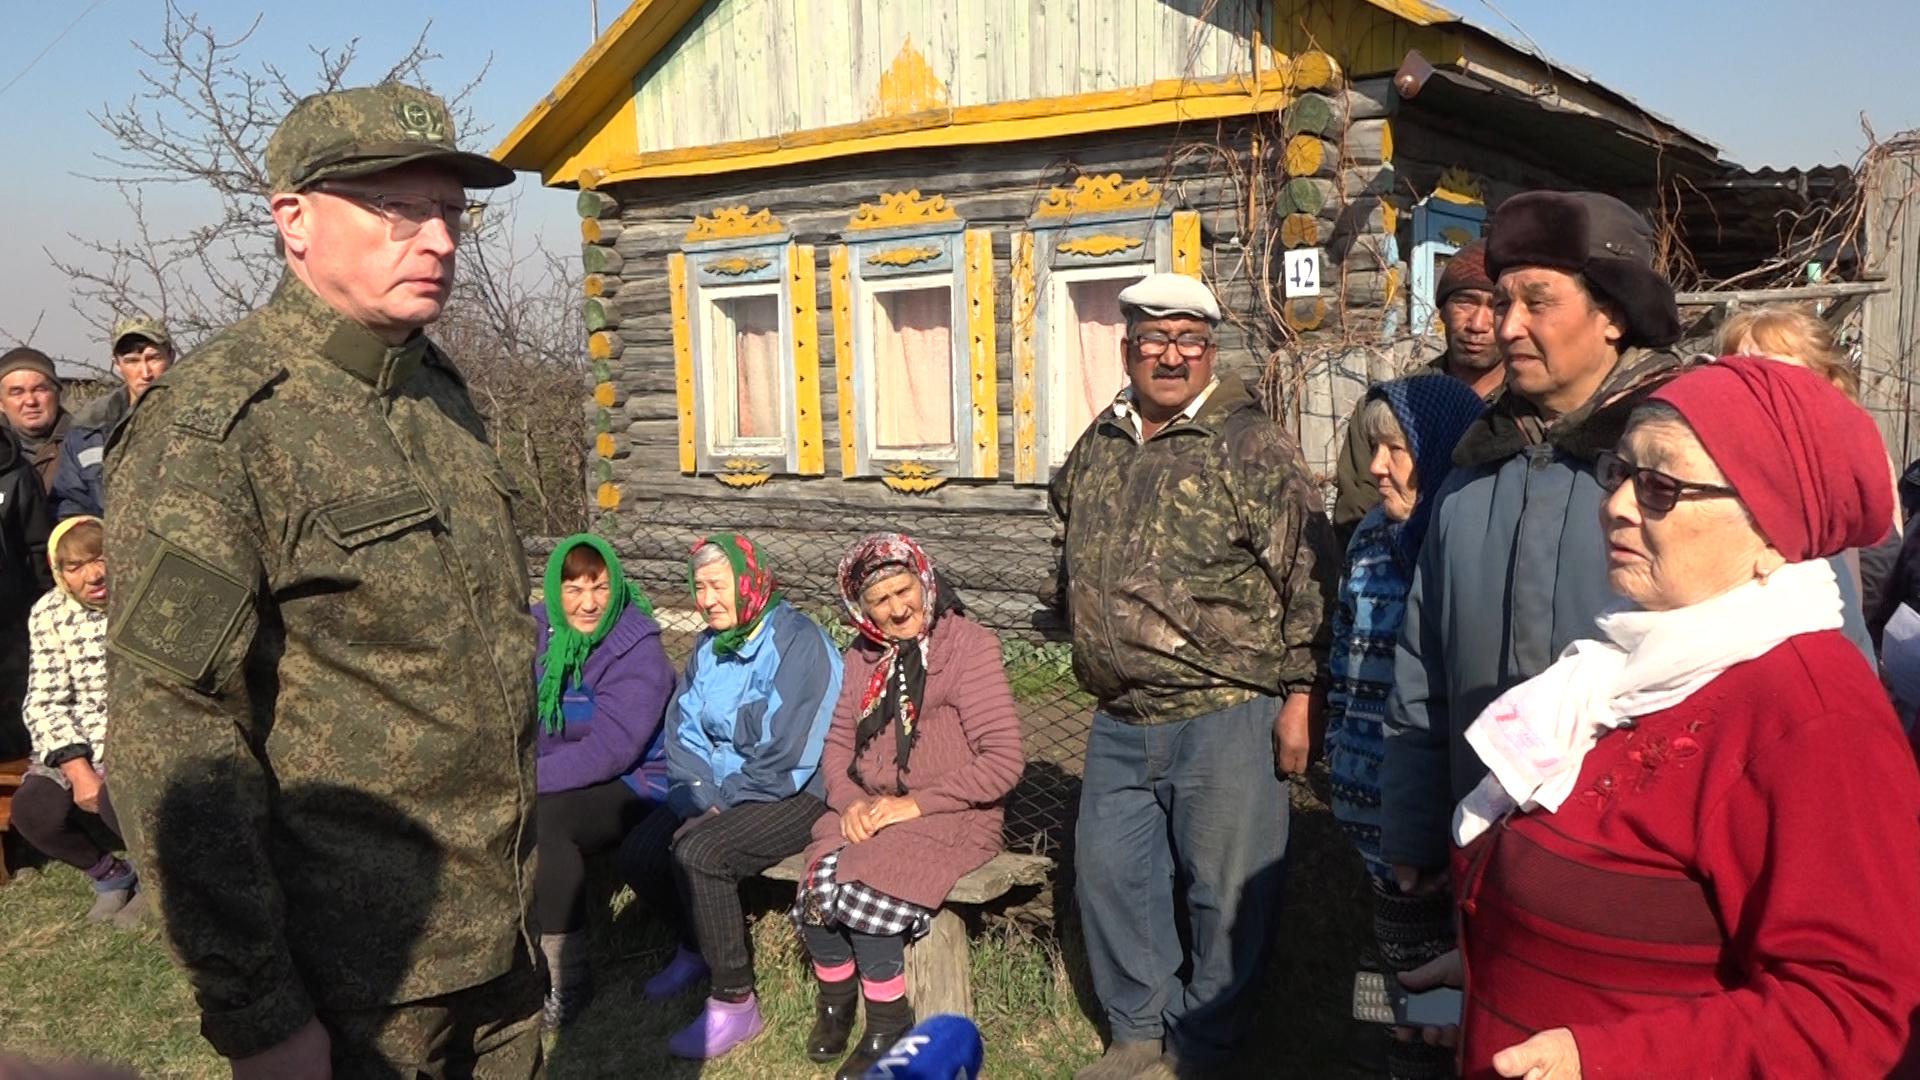 Бурков посетит омскую деревню, которую весной уничтожил пожар #Омск #Общество #Сегодня